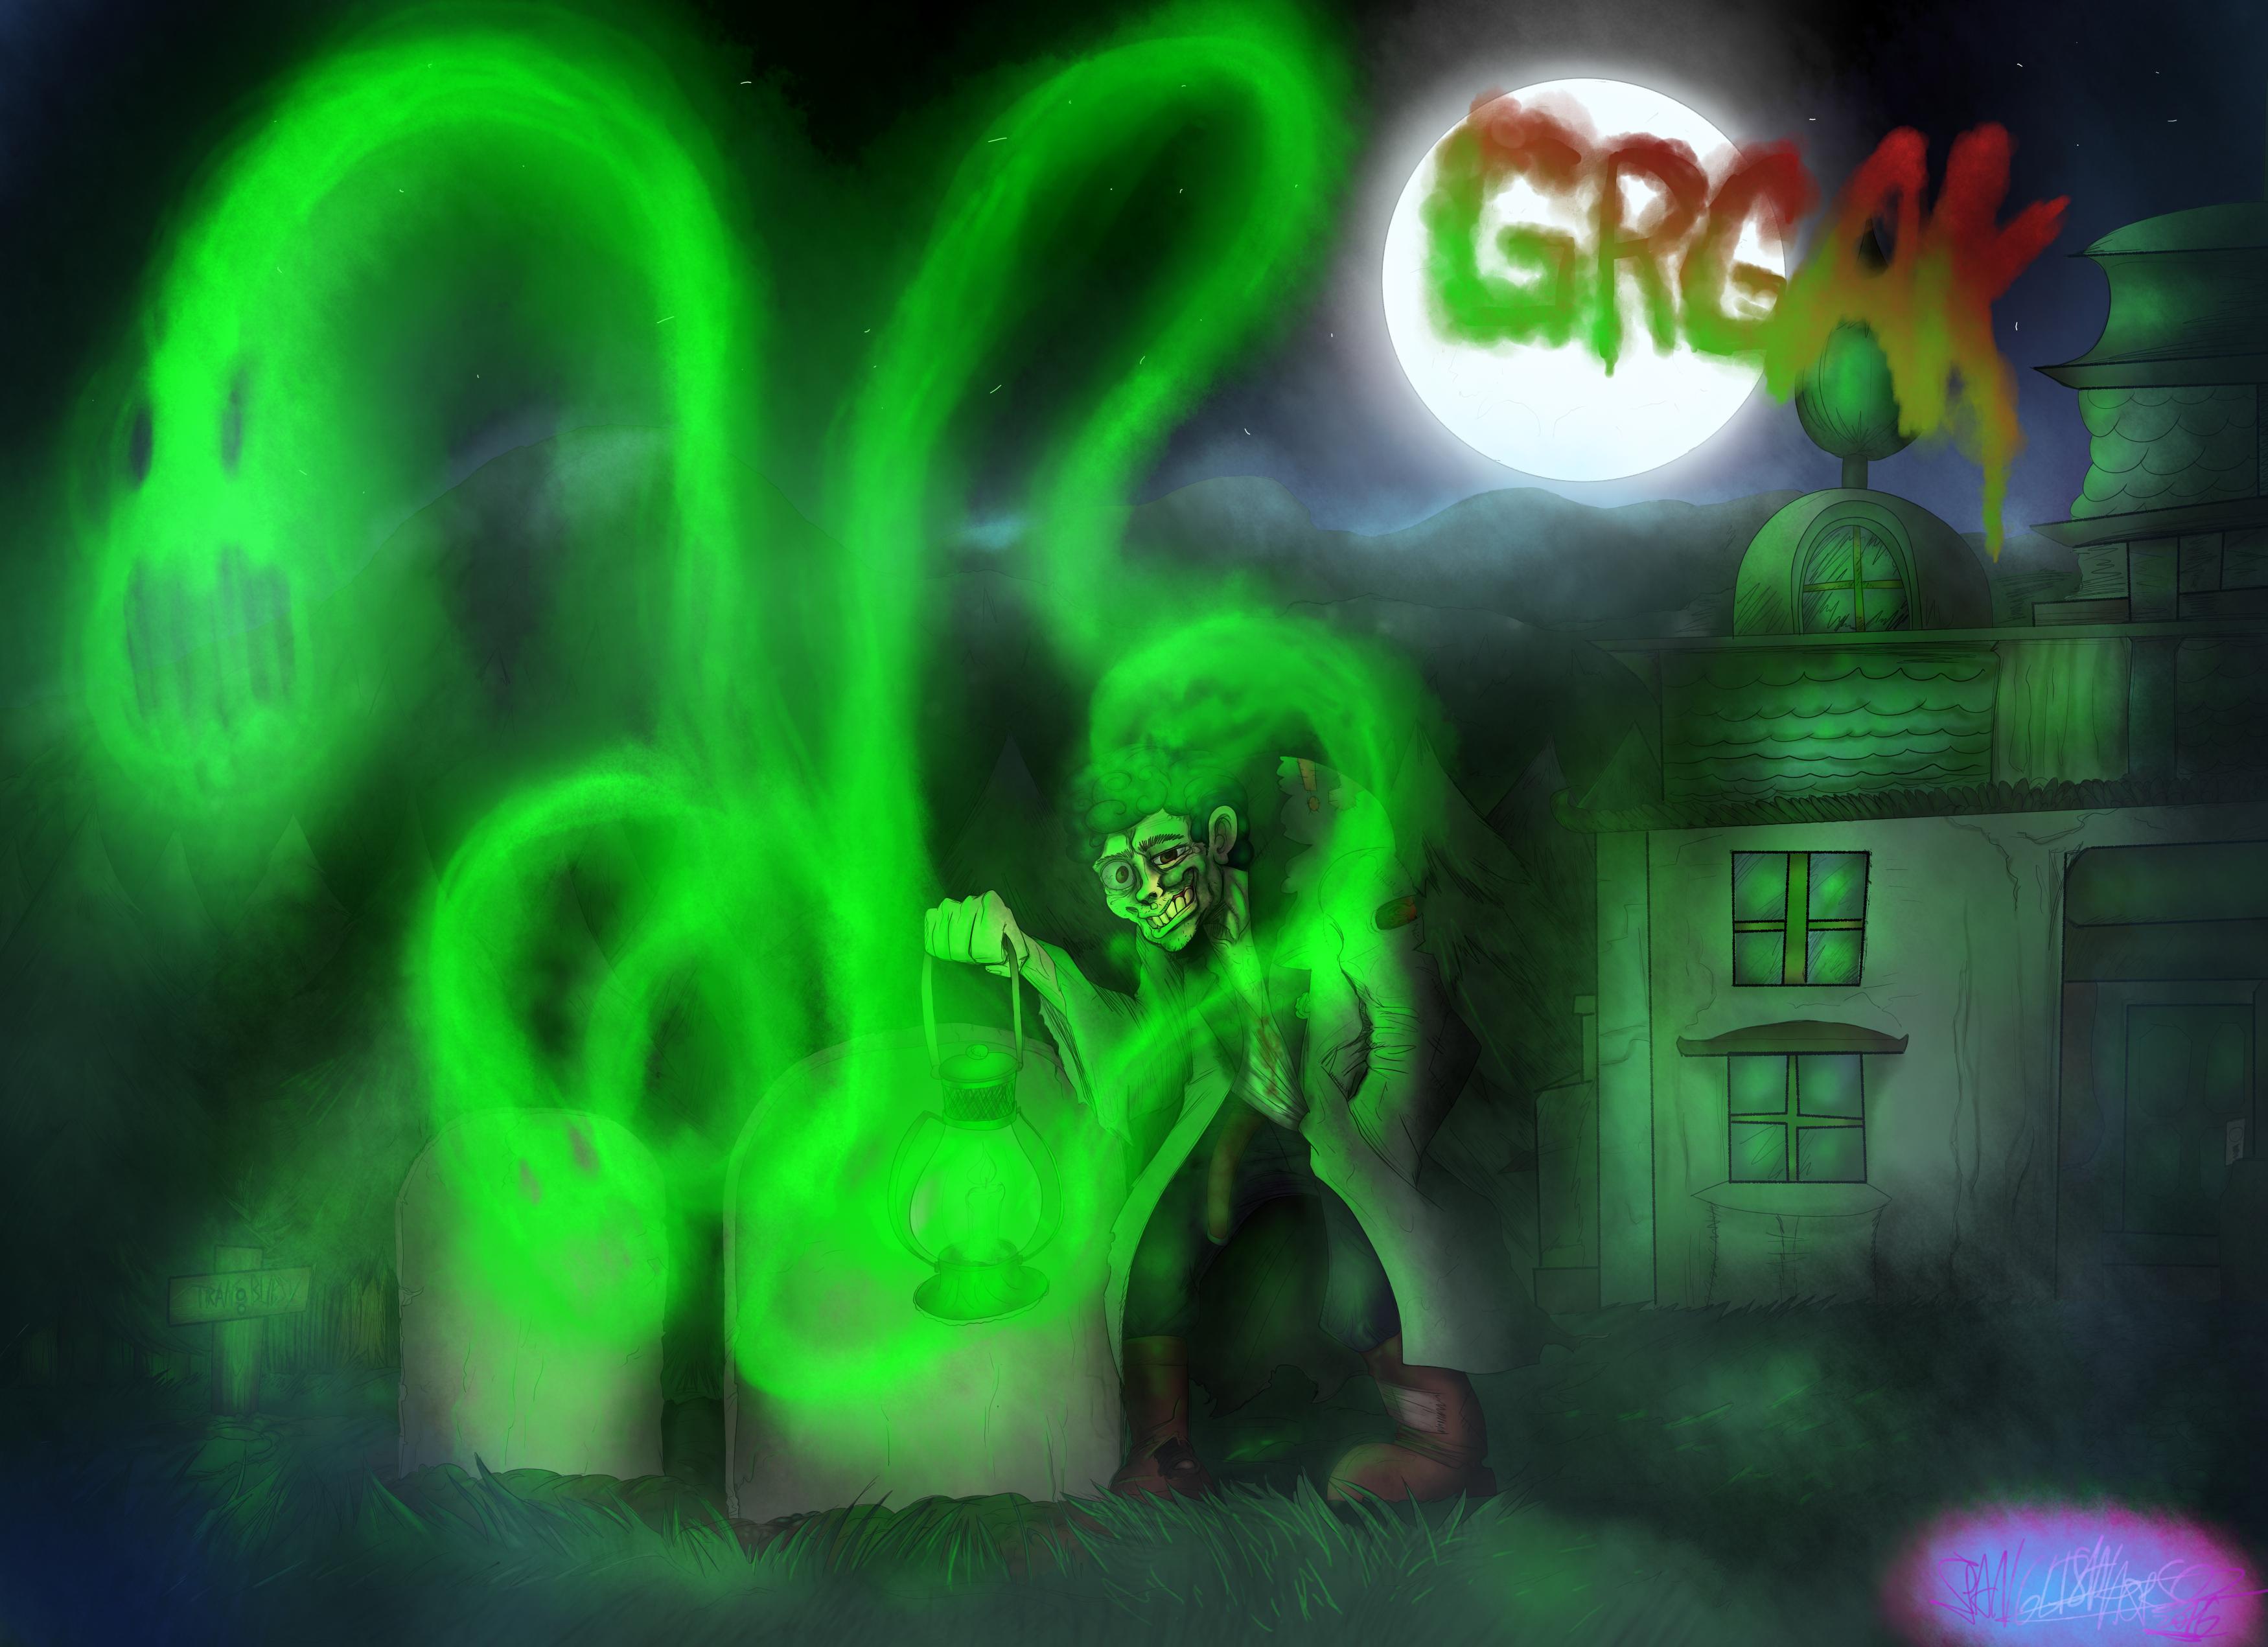 Grgak spooky art (Commission)